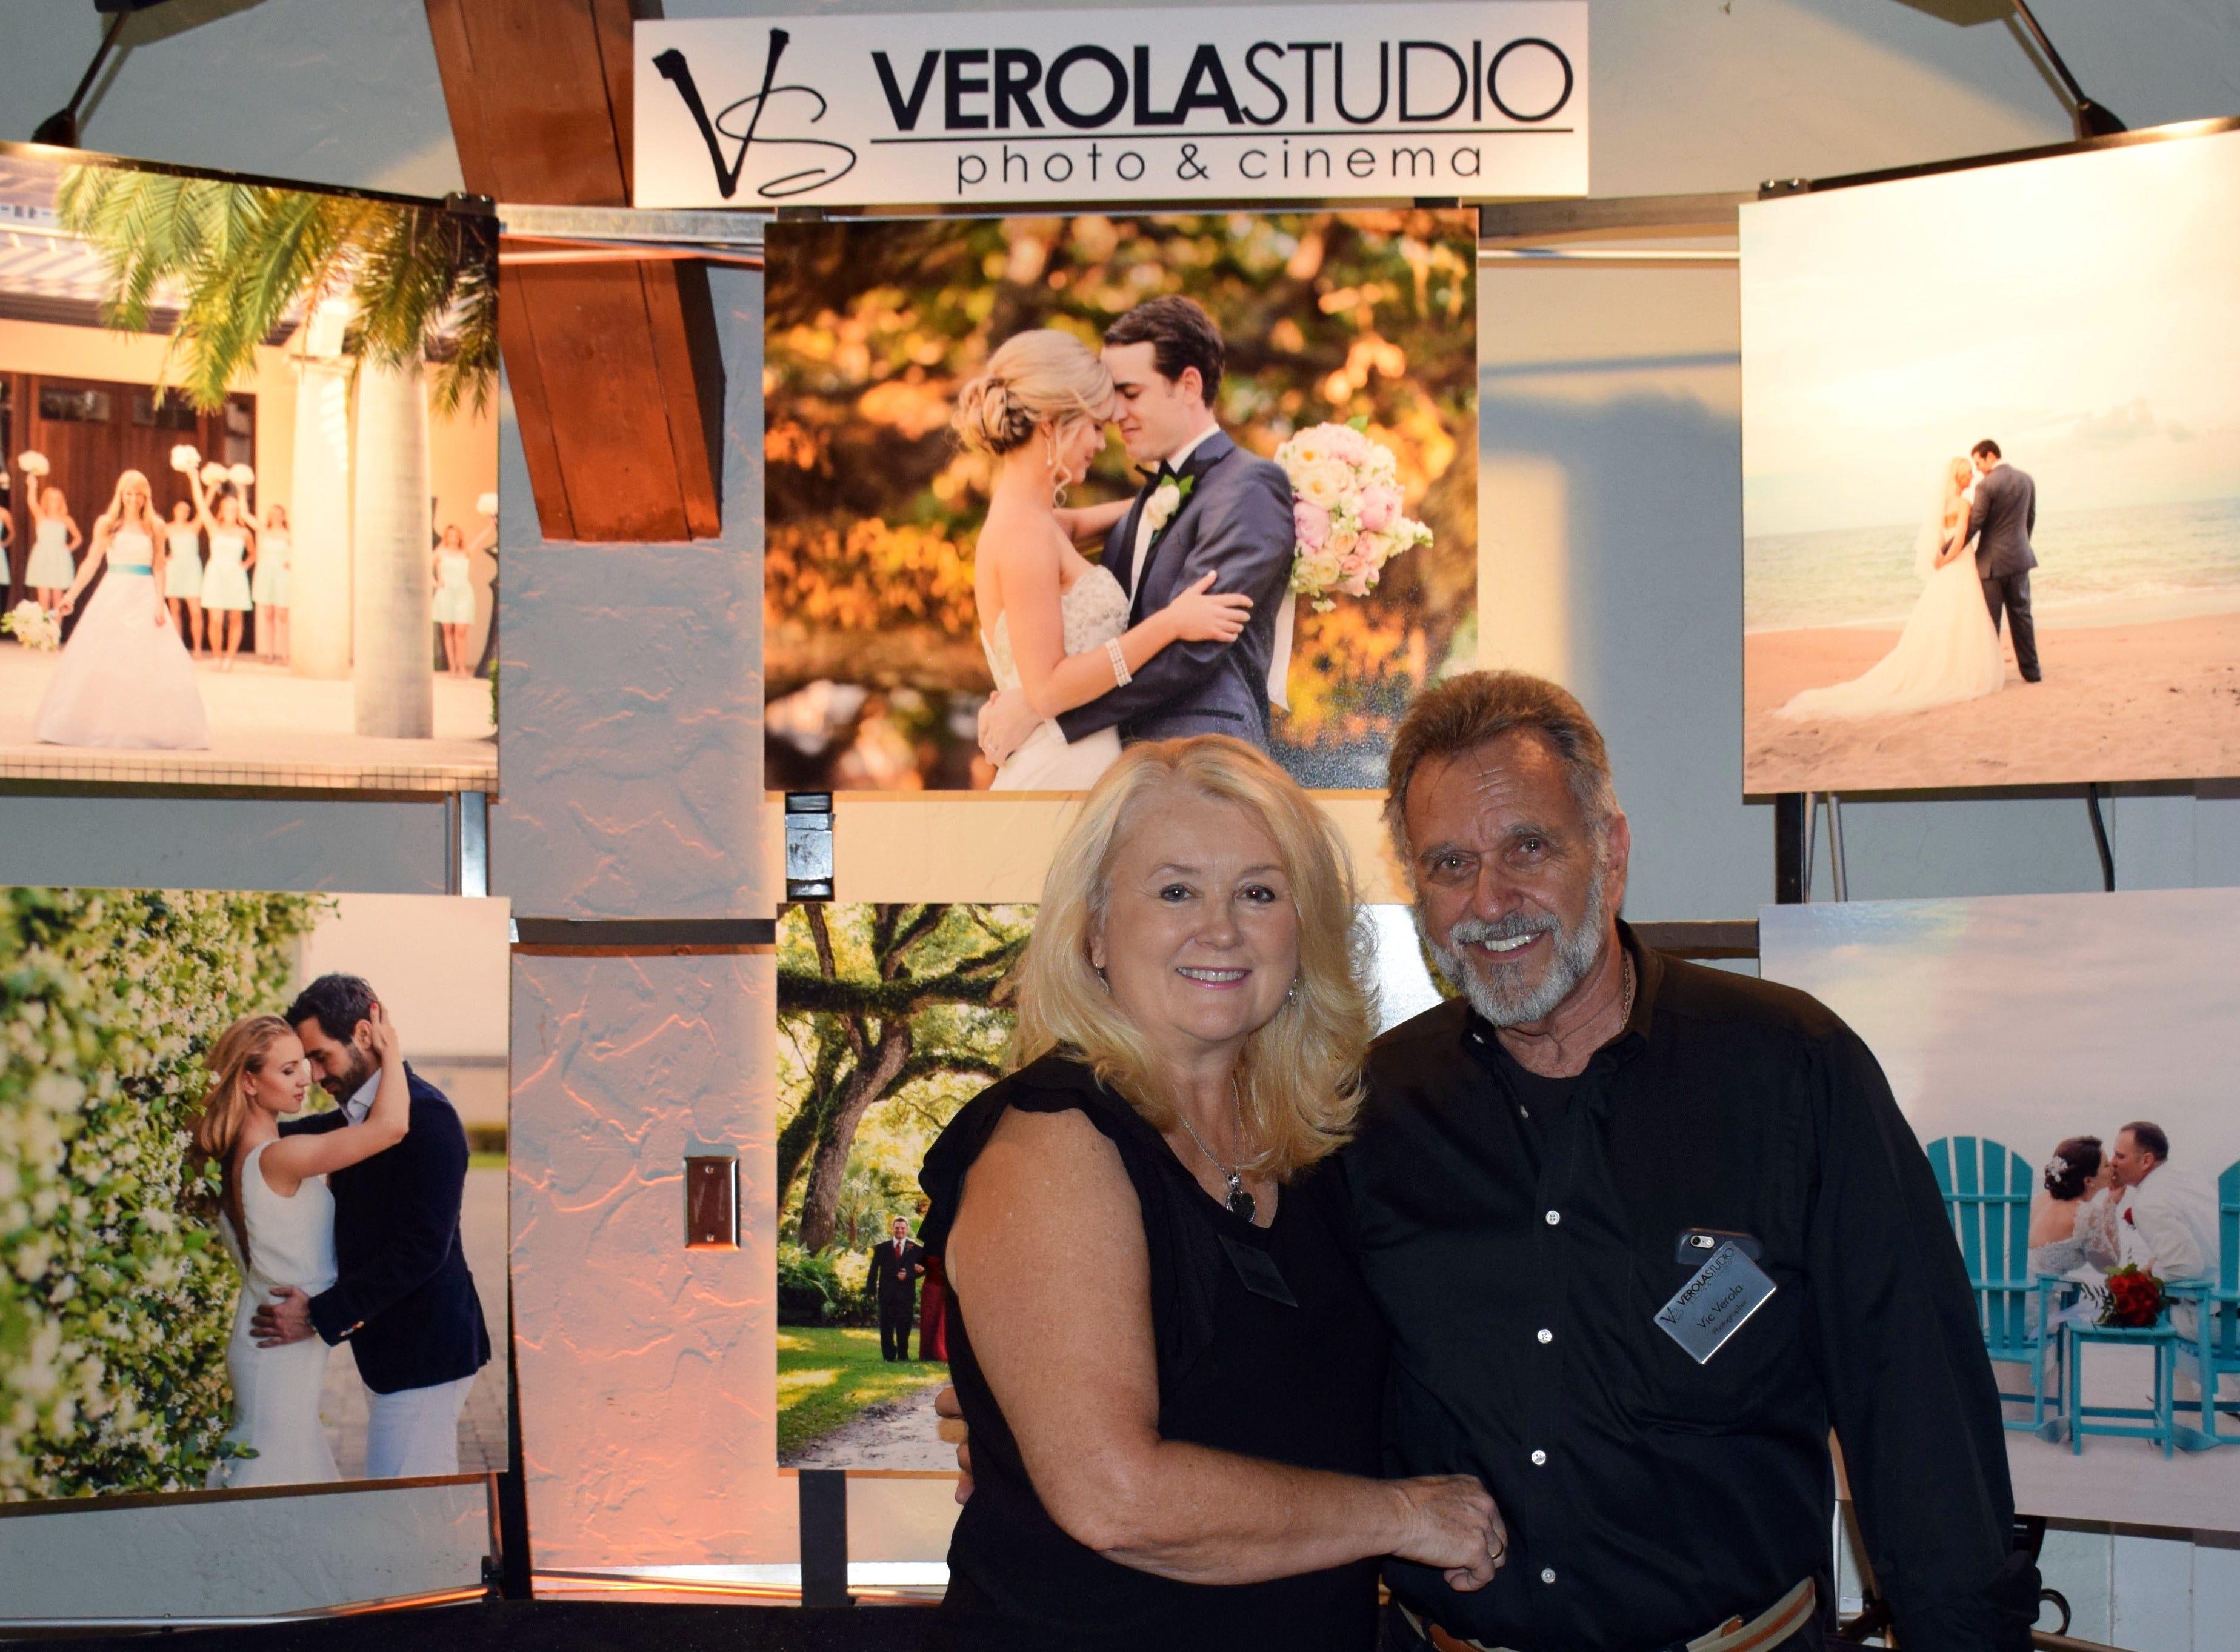 Marina and Vic Verola